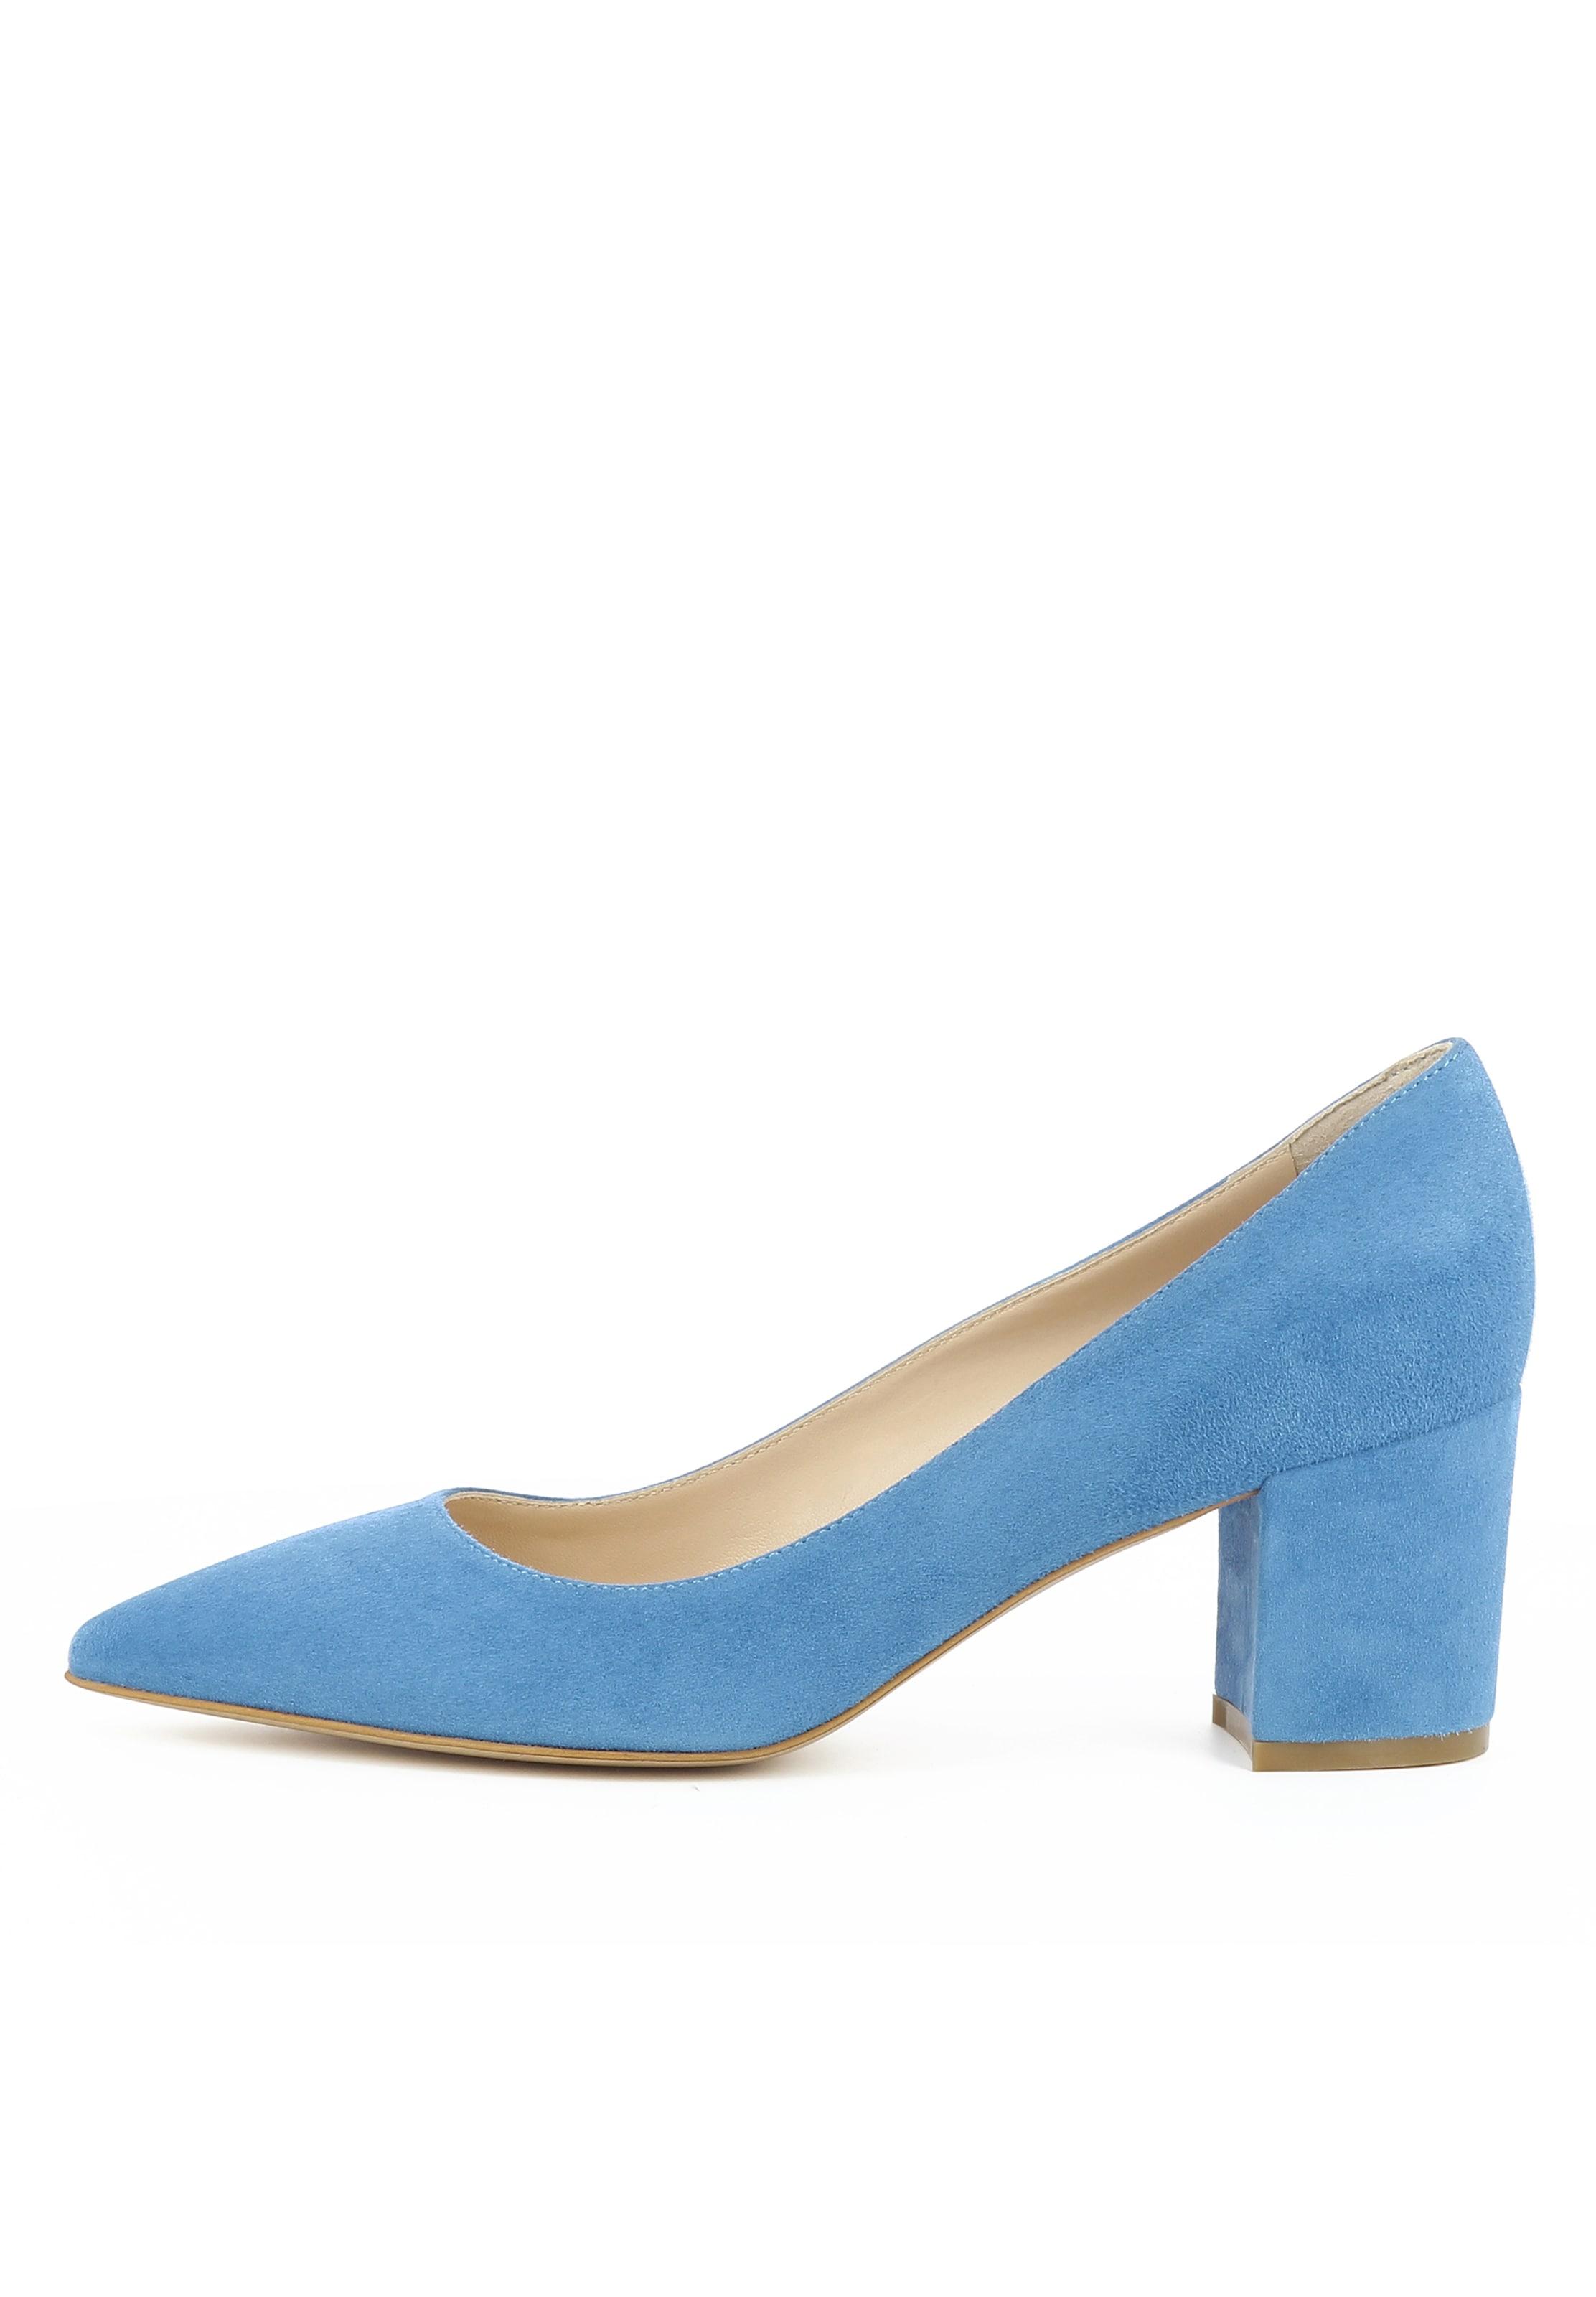 Evita 'romina' En Bleu Evita Escarpins 'romina' En Evita Bleu Escarpins Escarpins 9EHWD2I